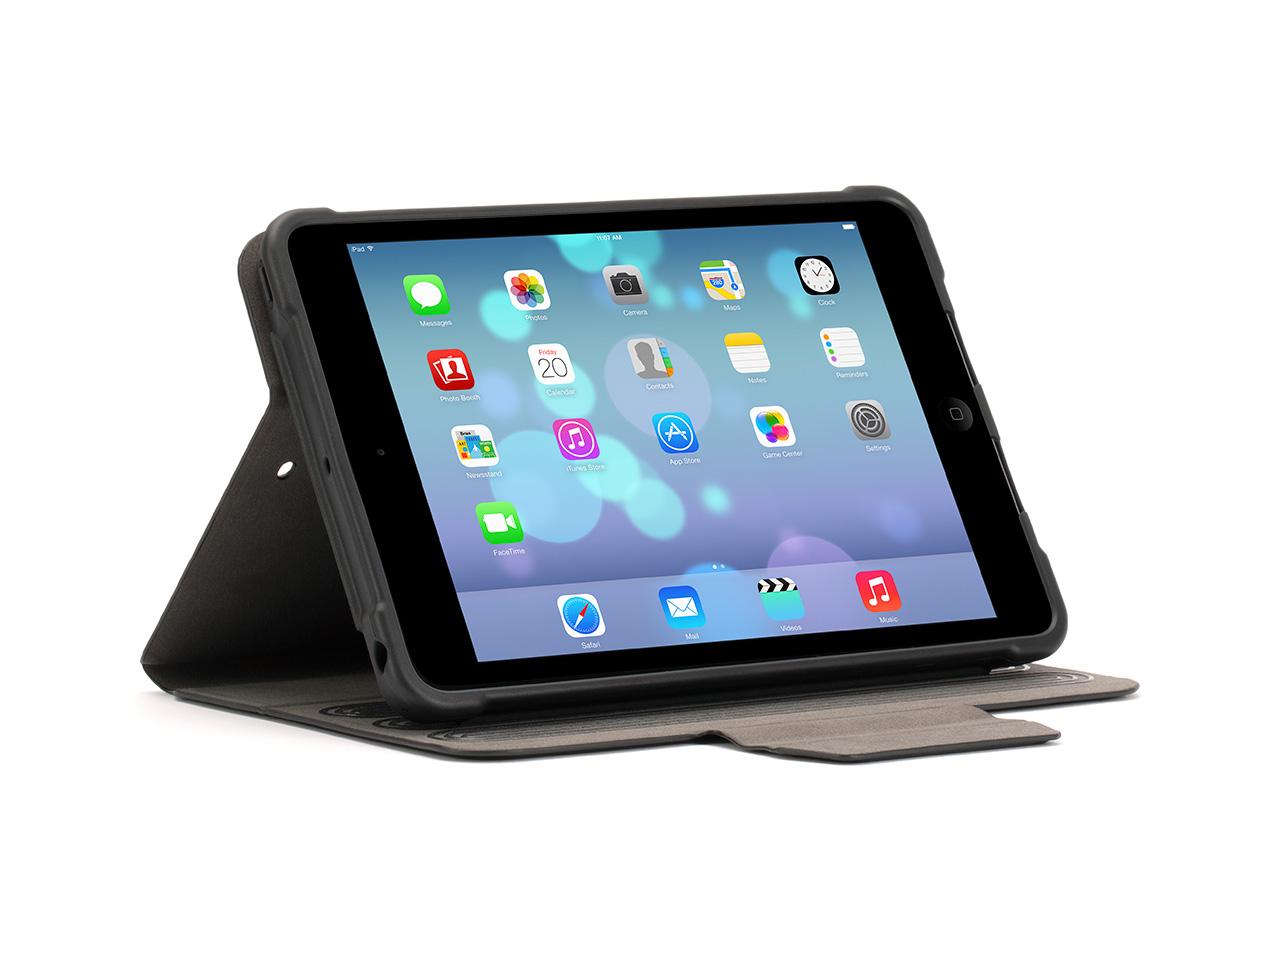 Black TurnFolio Multi-Positional Folio for iPad mini